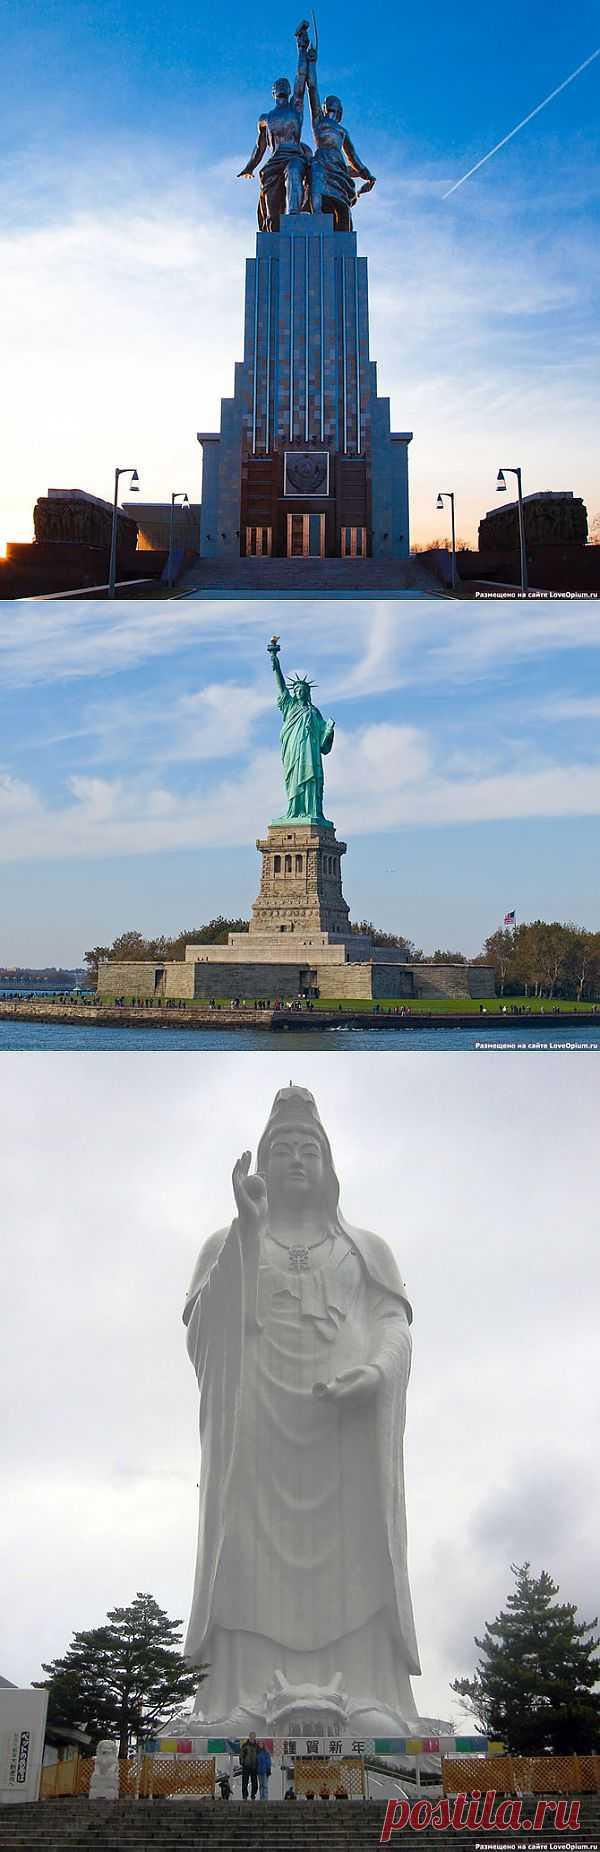 Высочайшие статуи мира | Fresher - Лучшее из Рунета за день